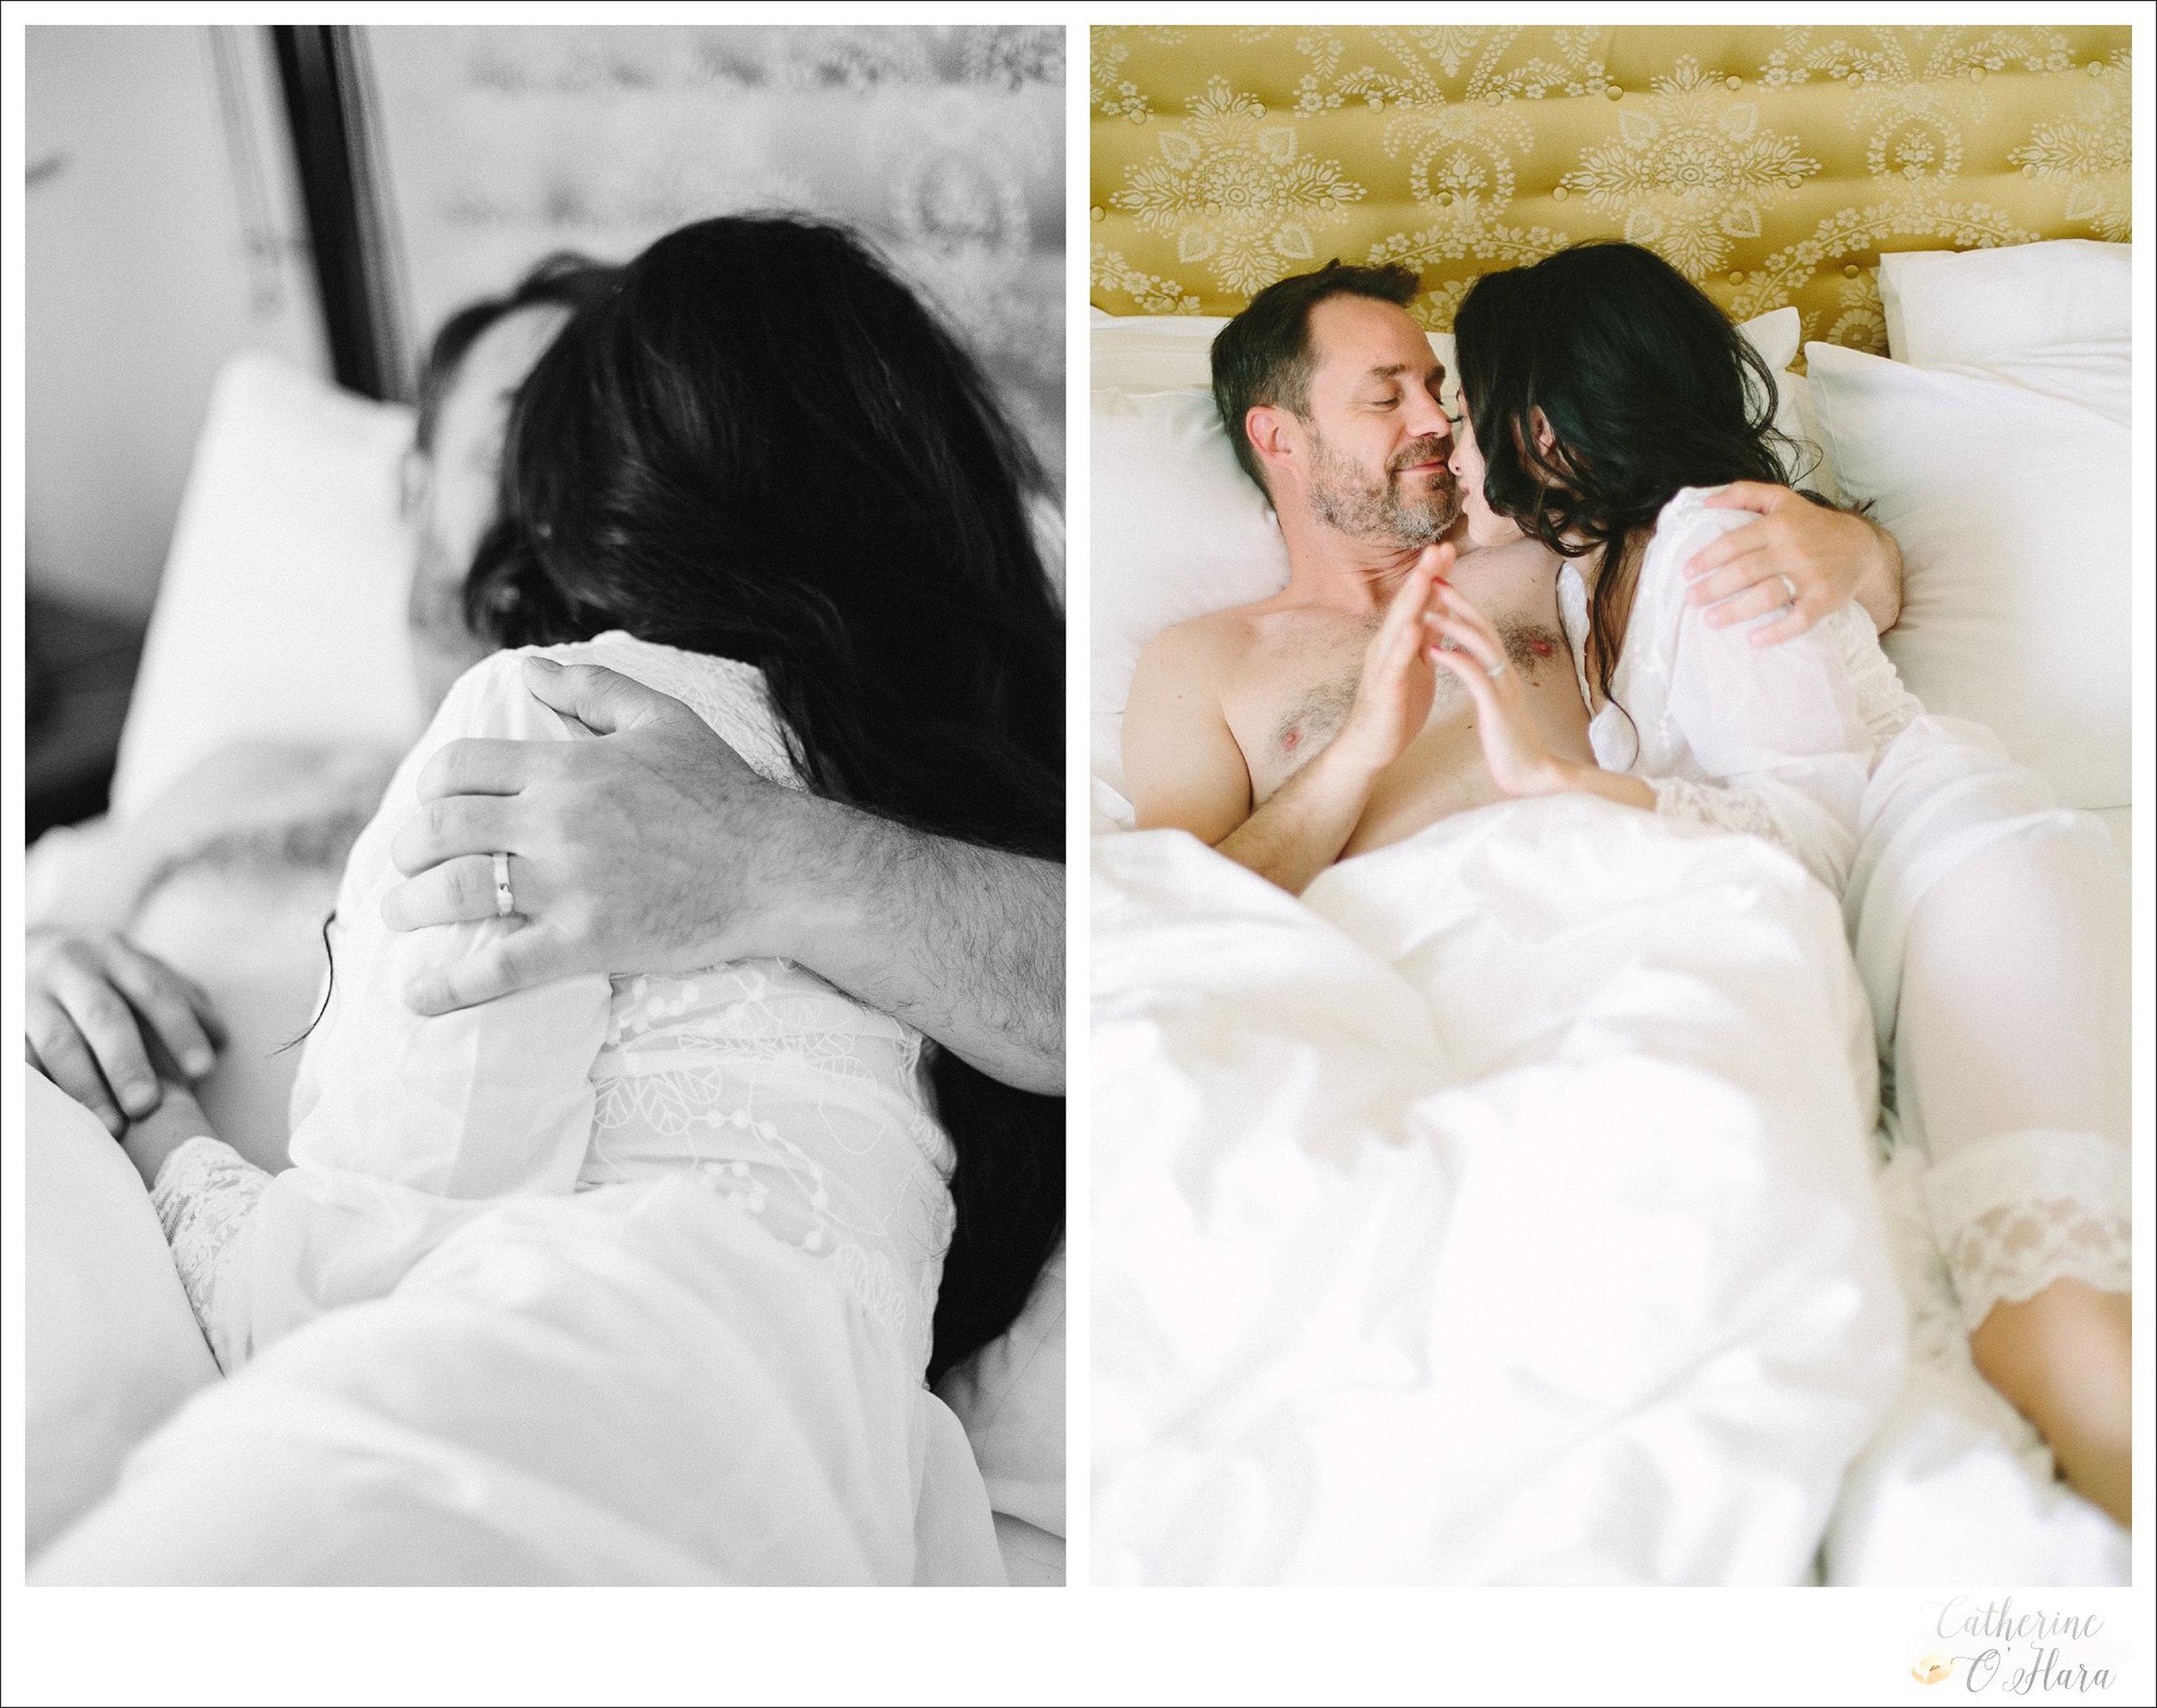 06-paris-couples-boudoir-shoot.jpg